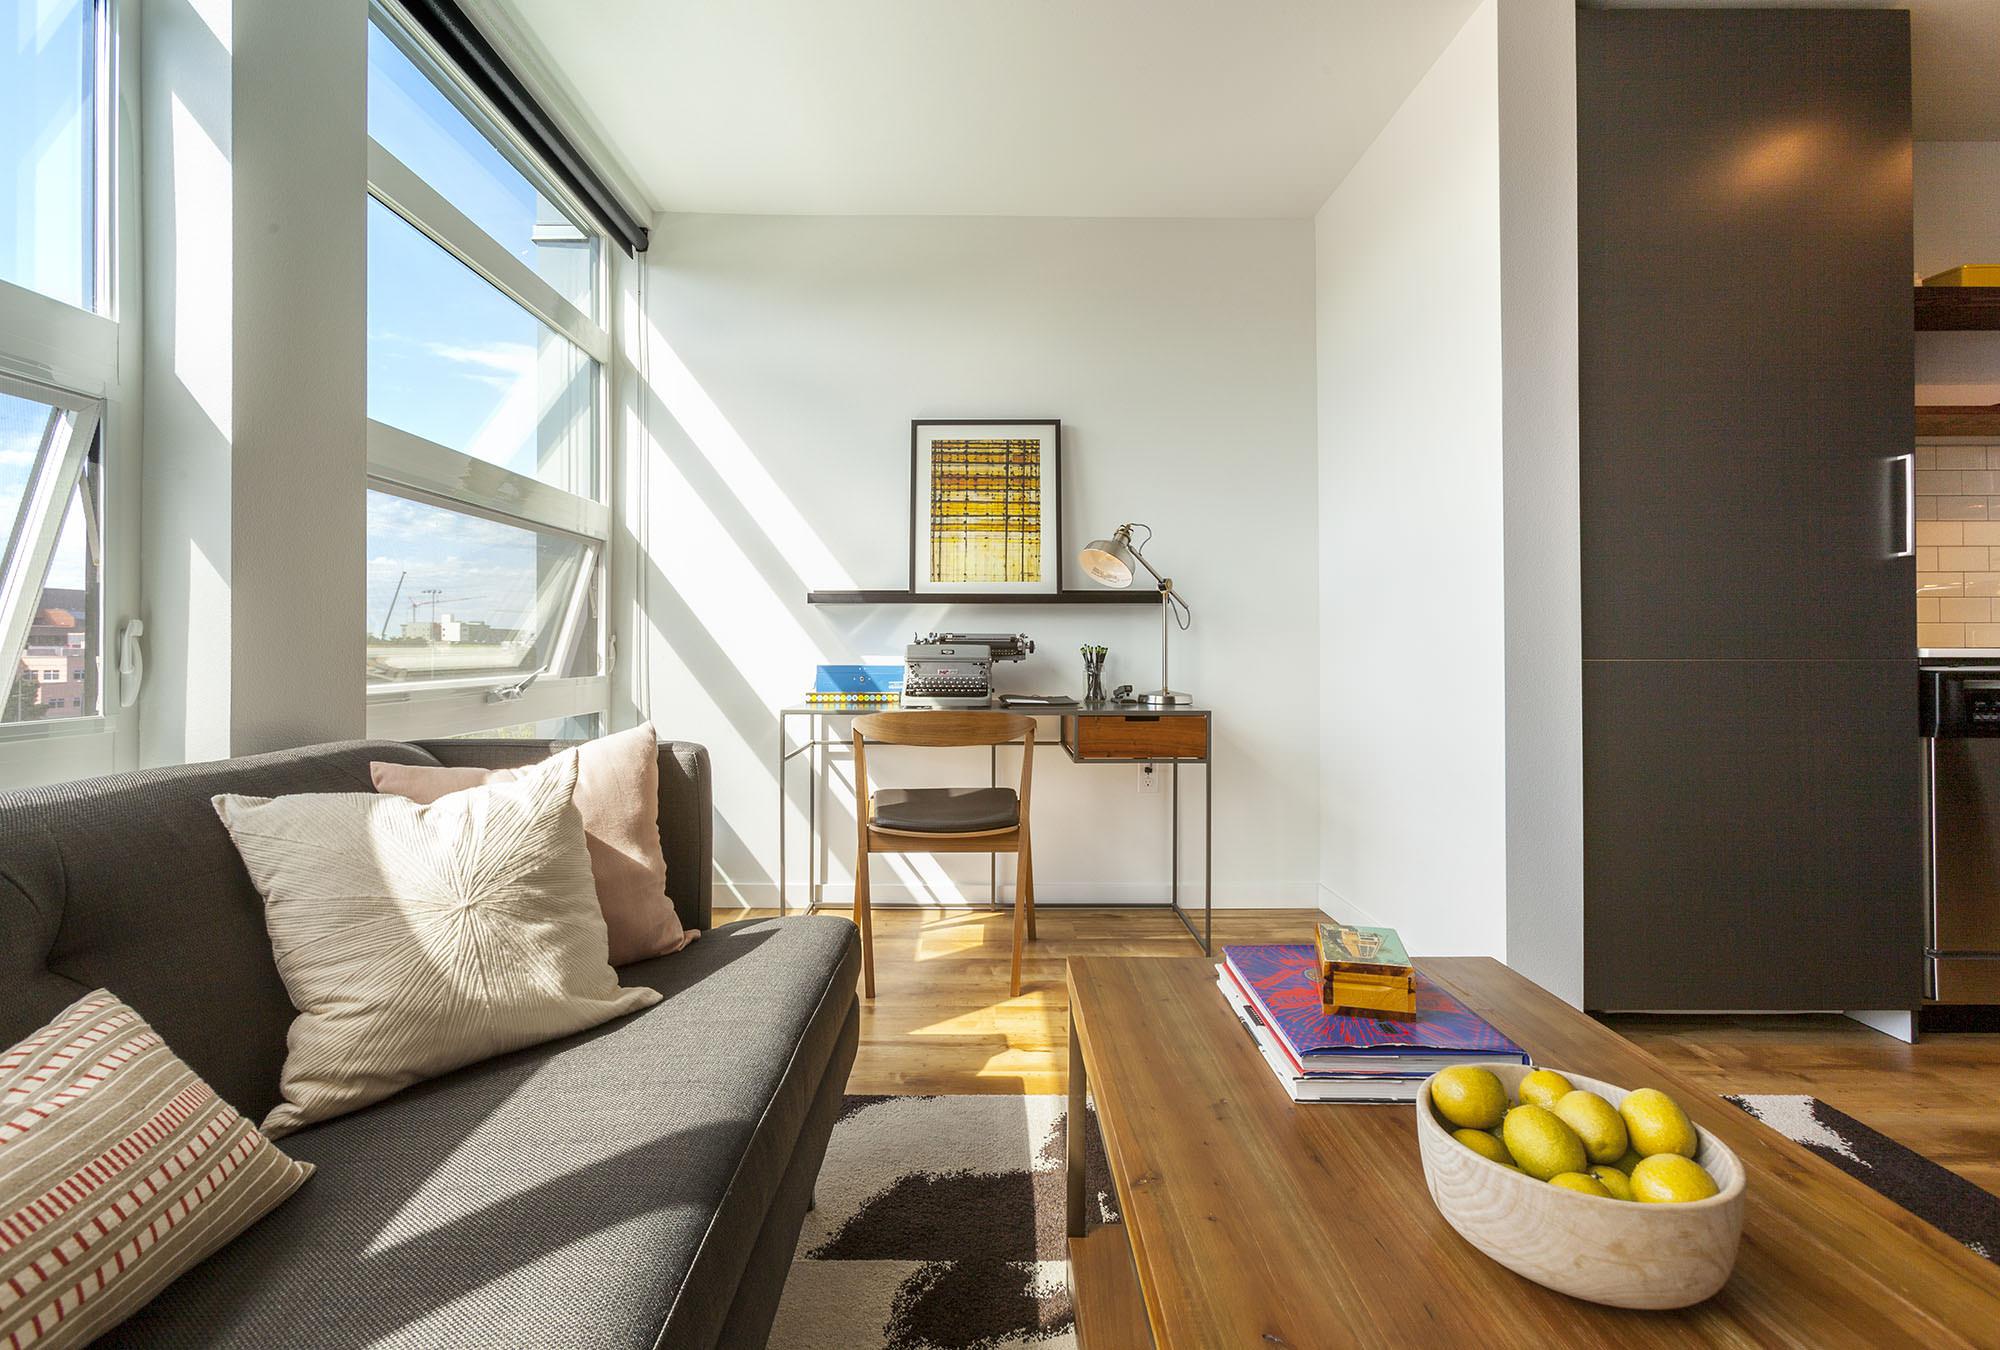 Sunset Electric Interior Design